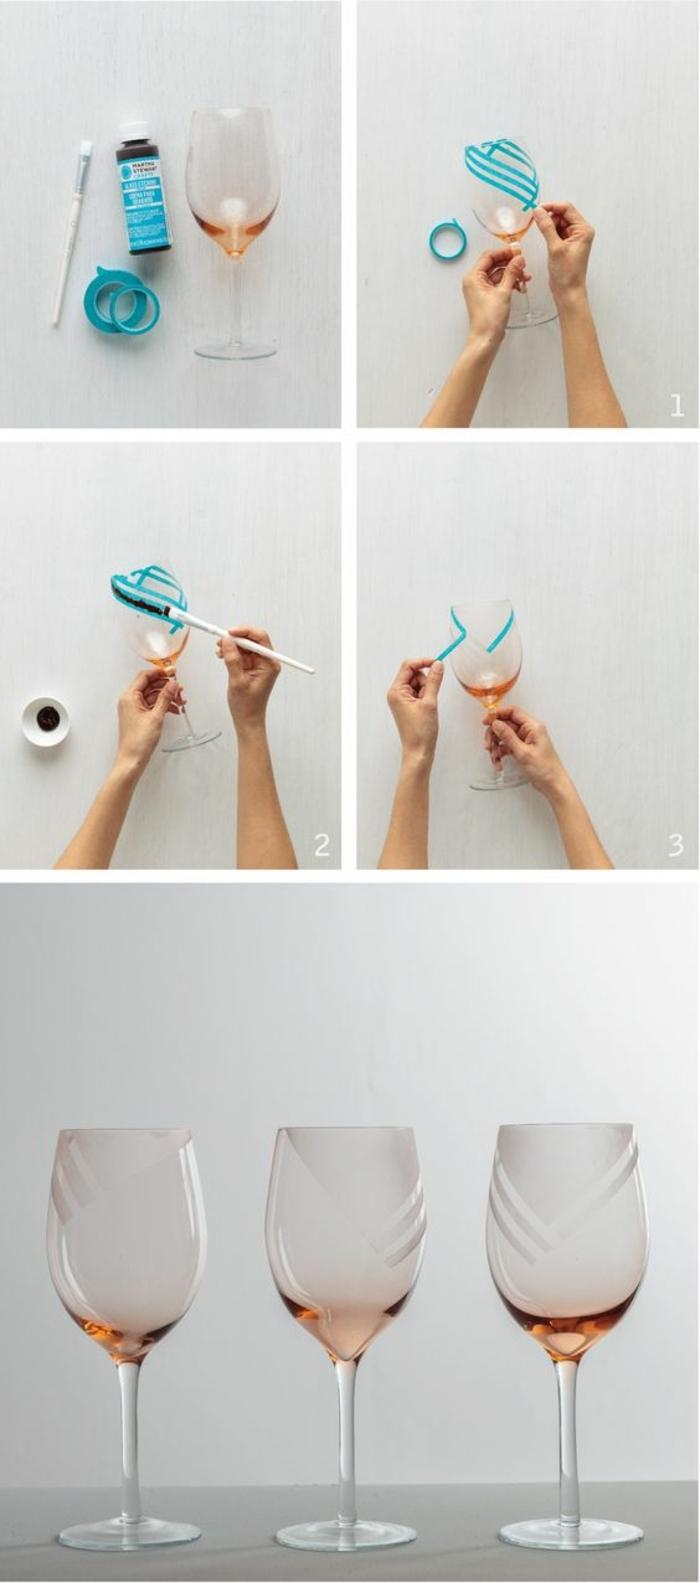 7 weingl C3 A4ser dekorieren klebeband washi tape pinsel gl C3 A4ser verzieren gl C3 A4serdeko e